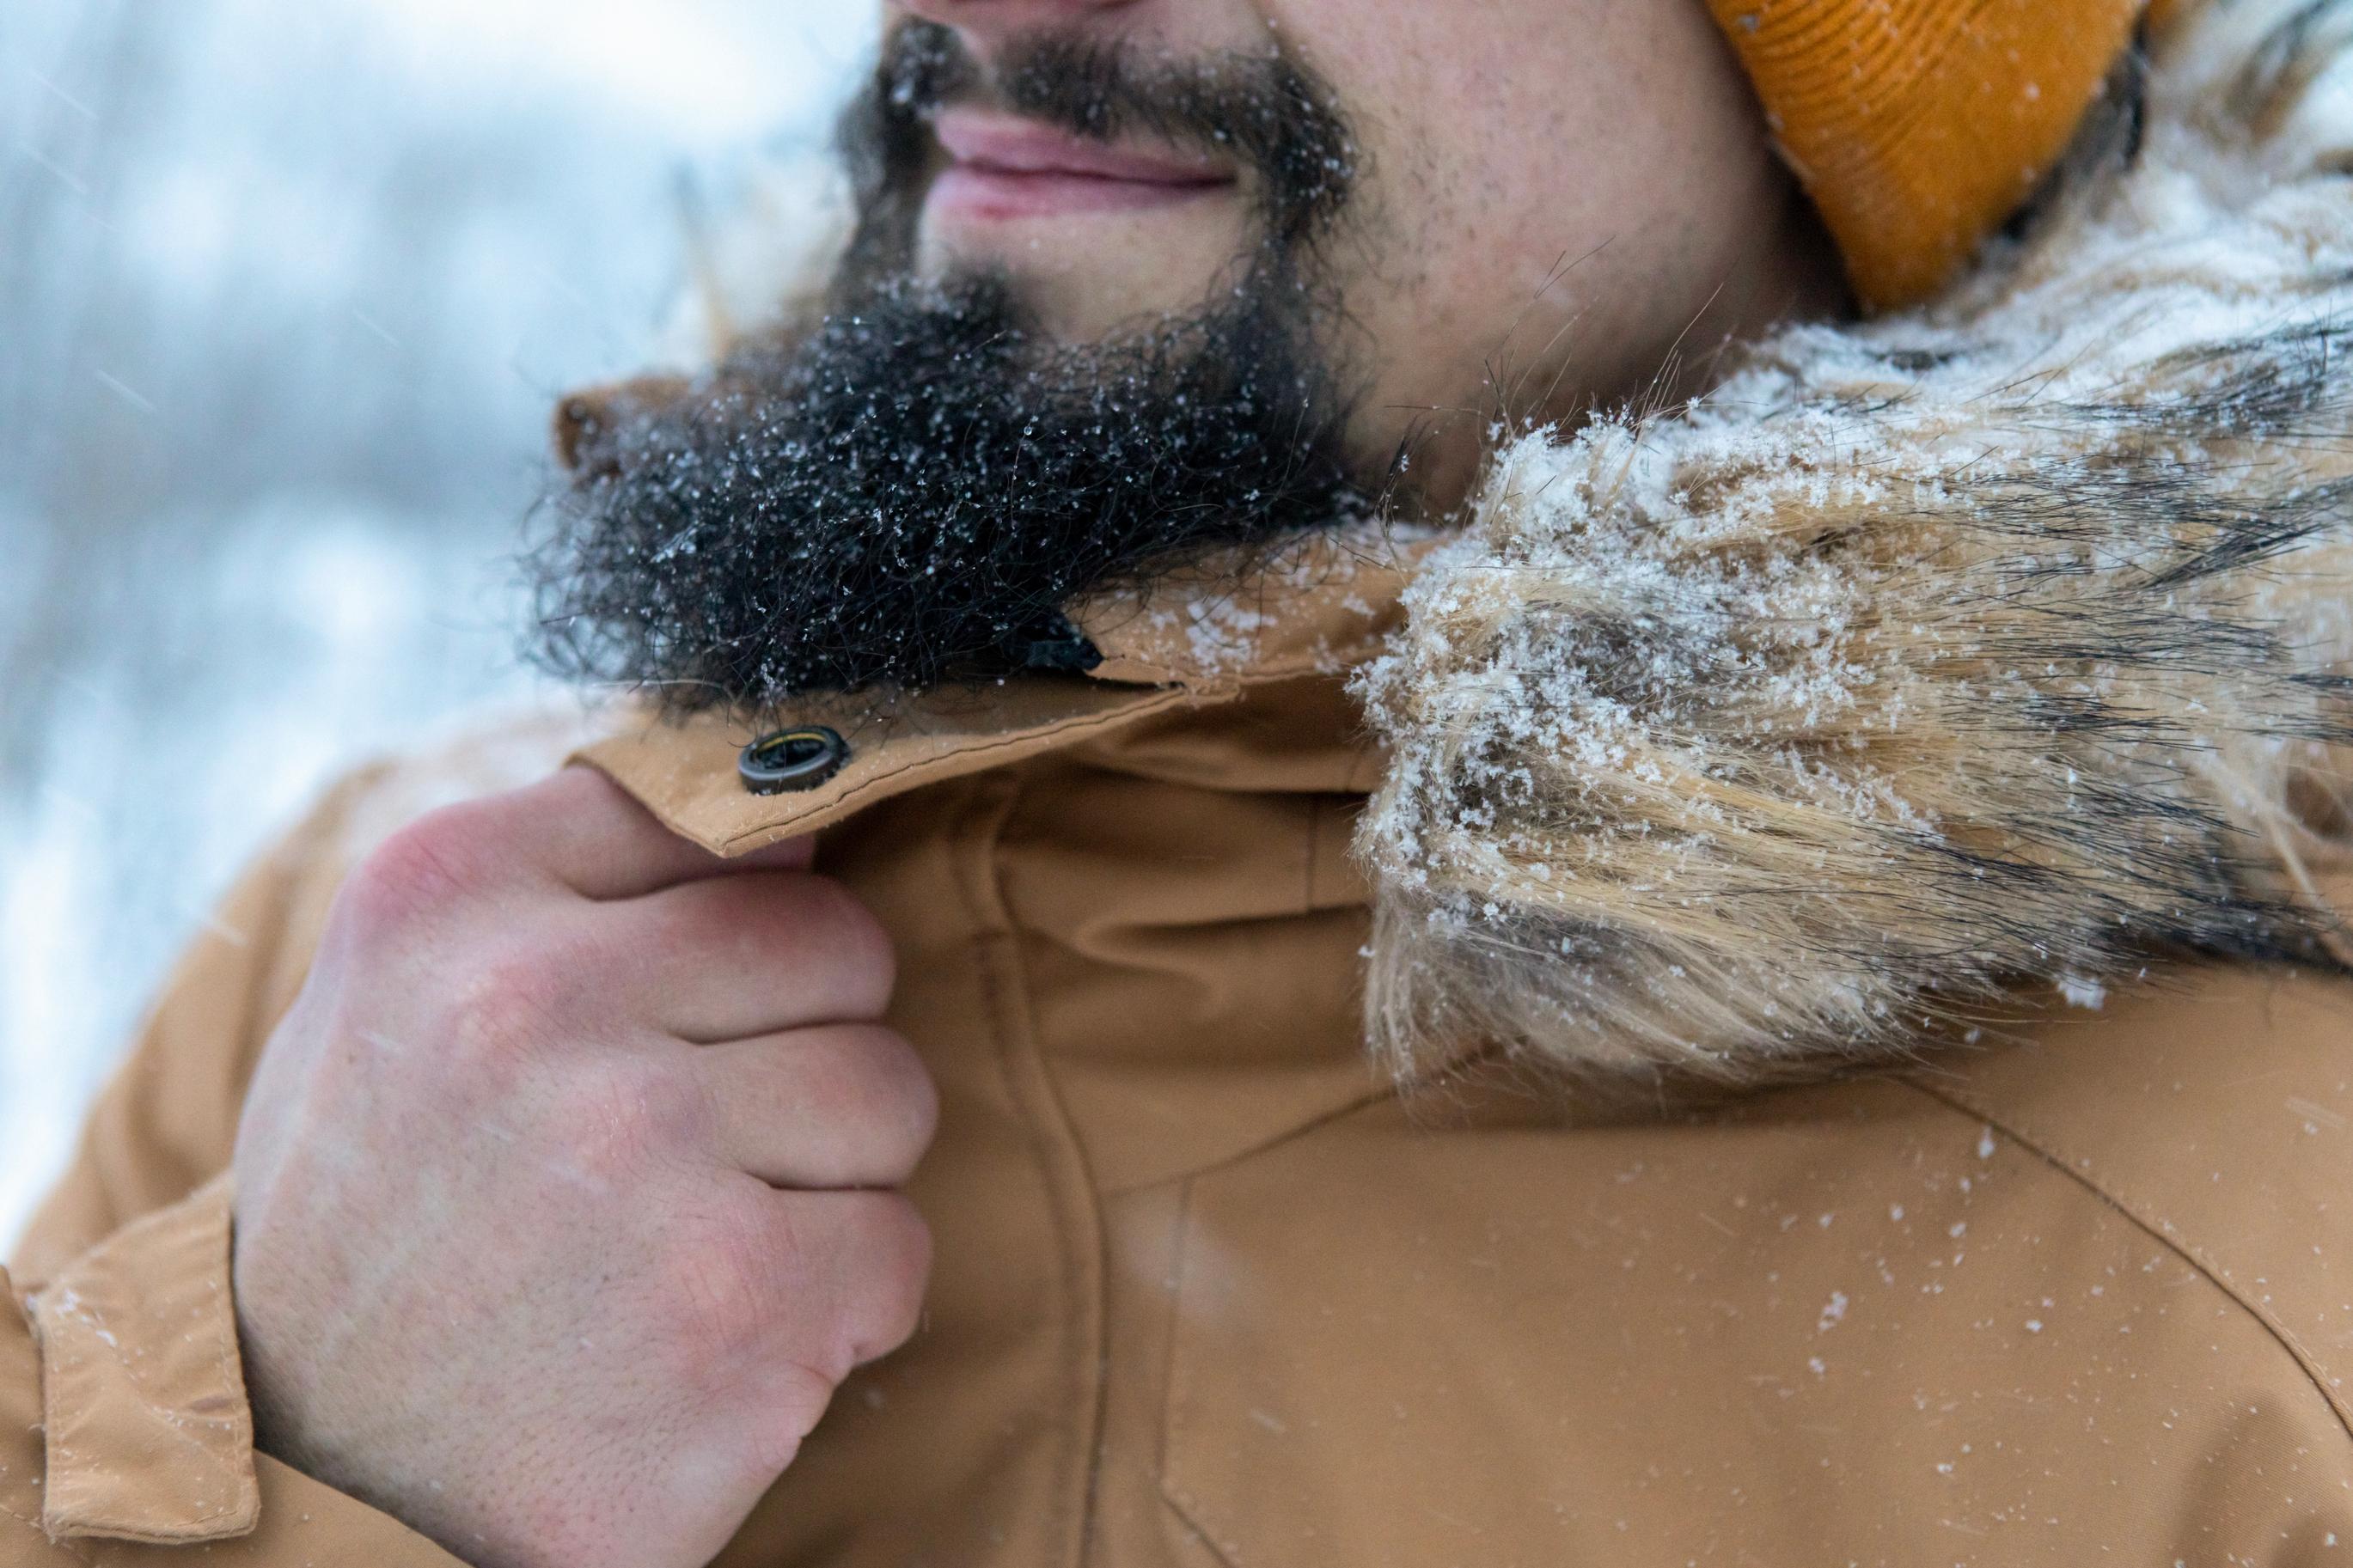 Bearded man in think winter coat